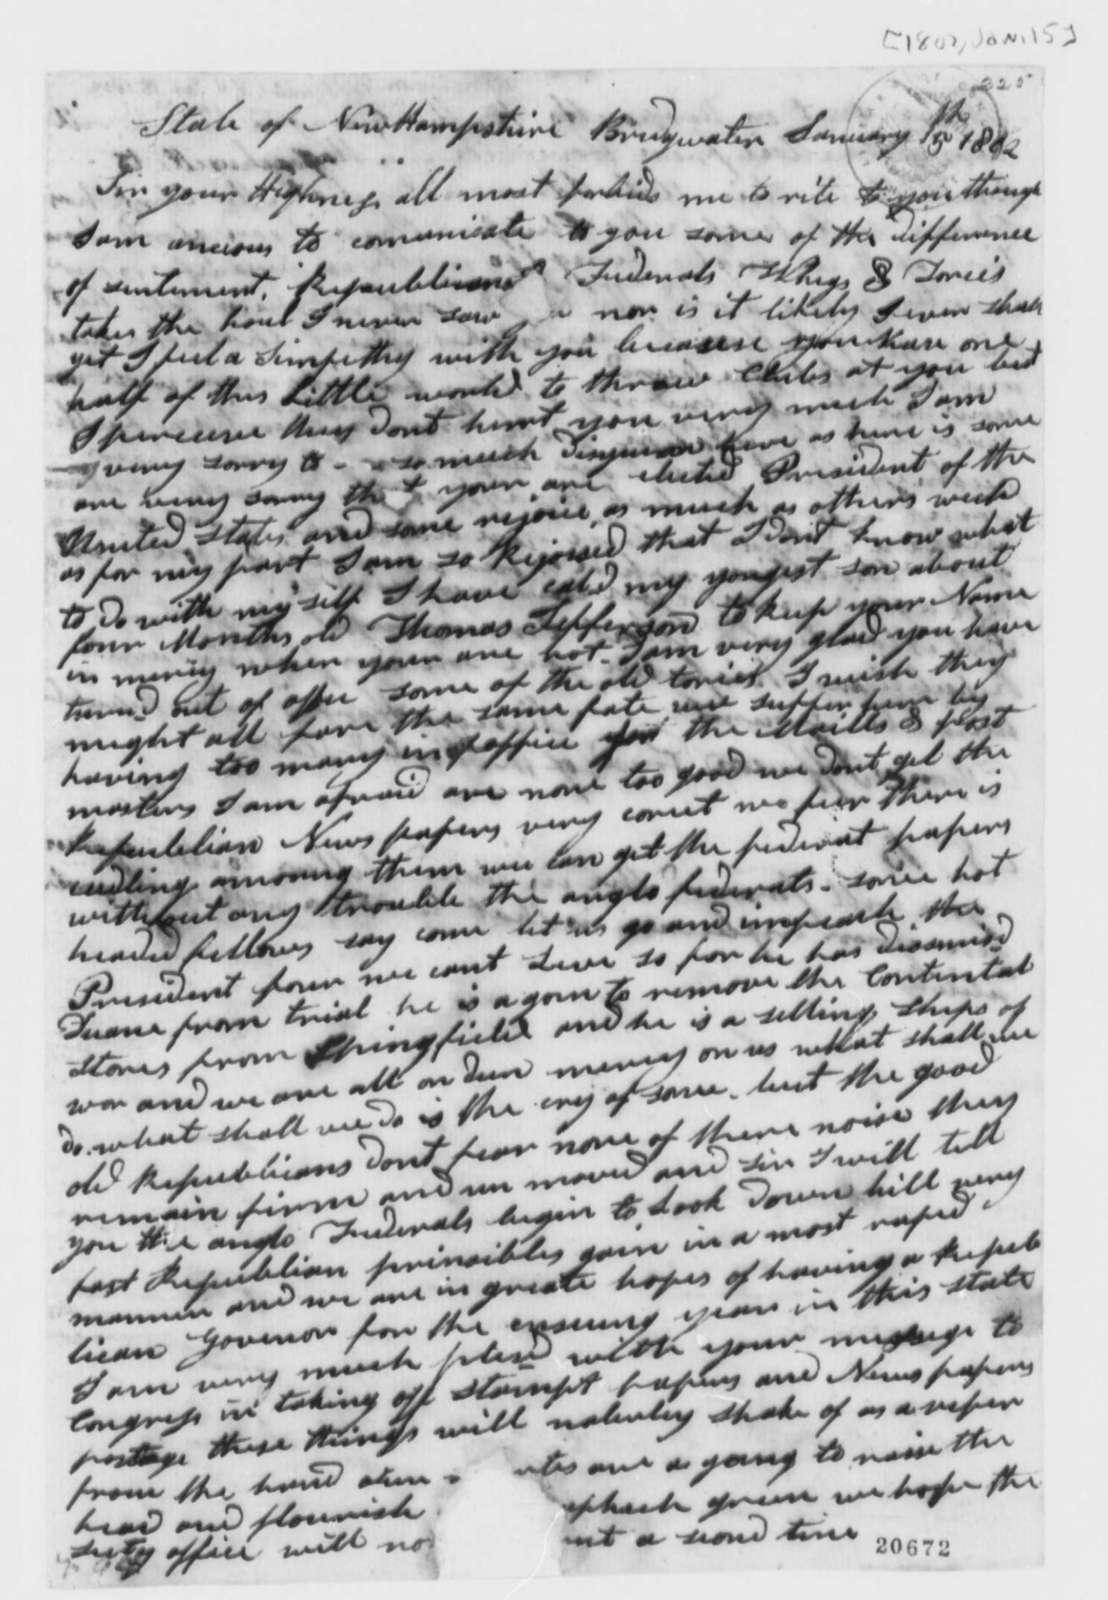 Simon Harris to Thomas Jefferson, January 15, 1802